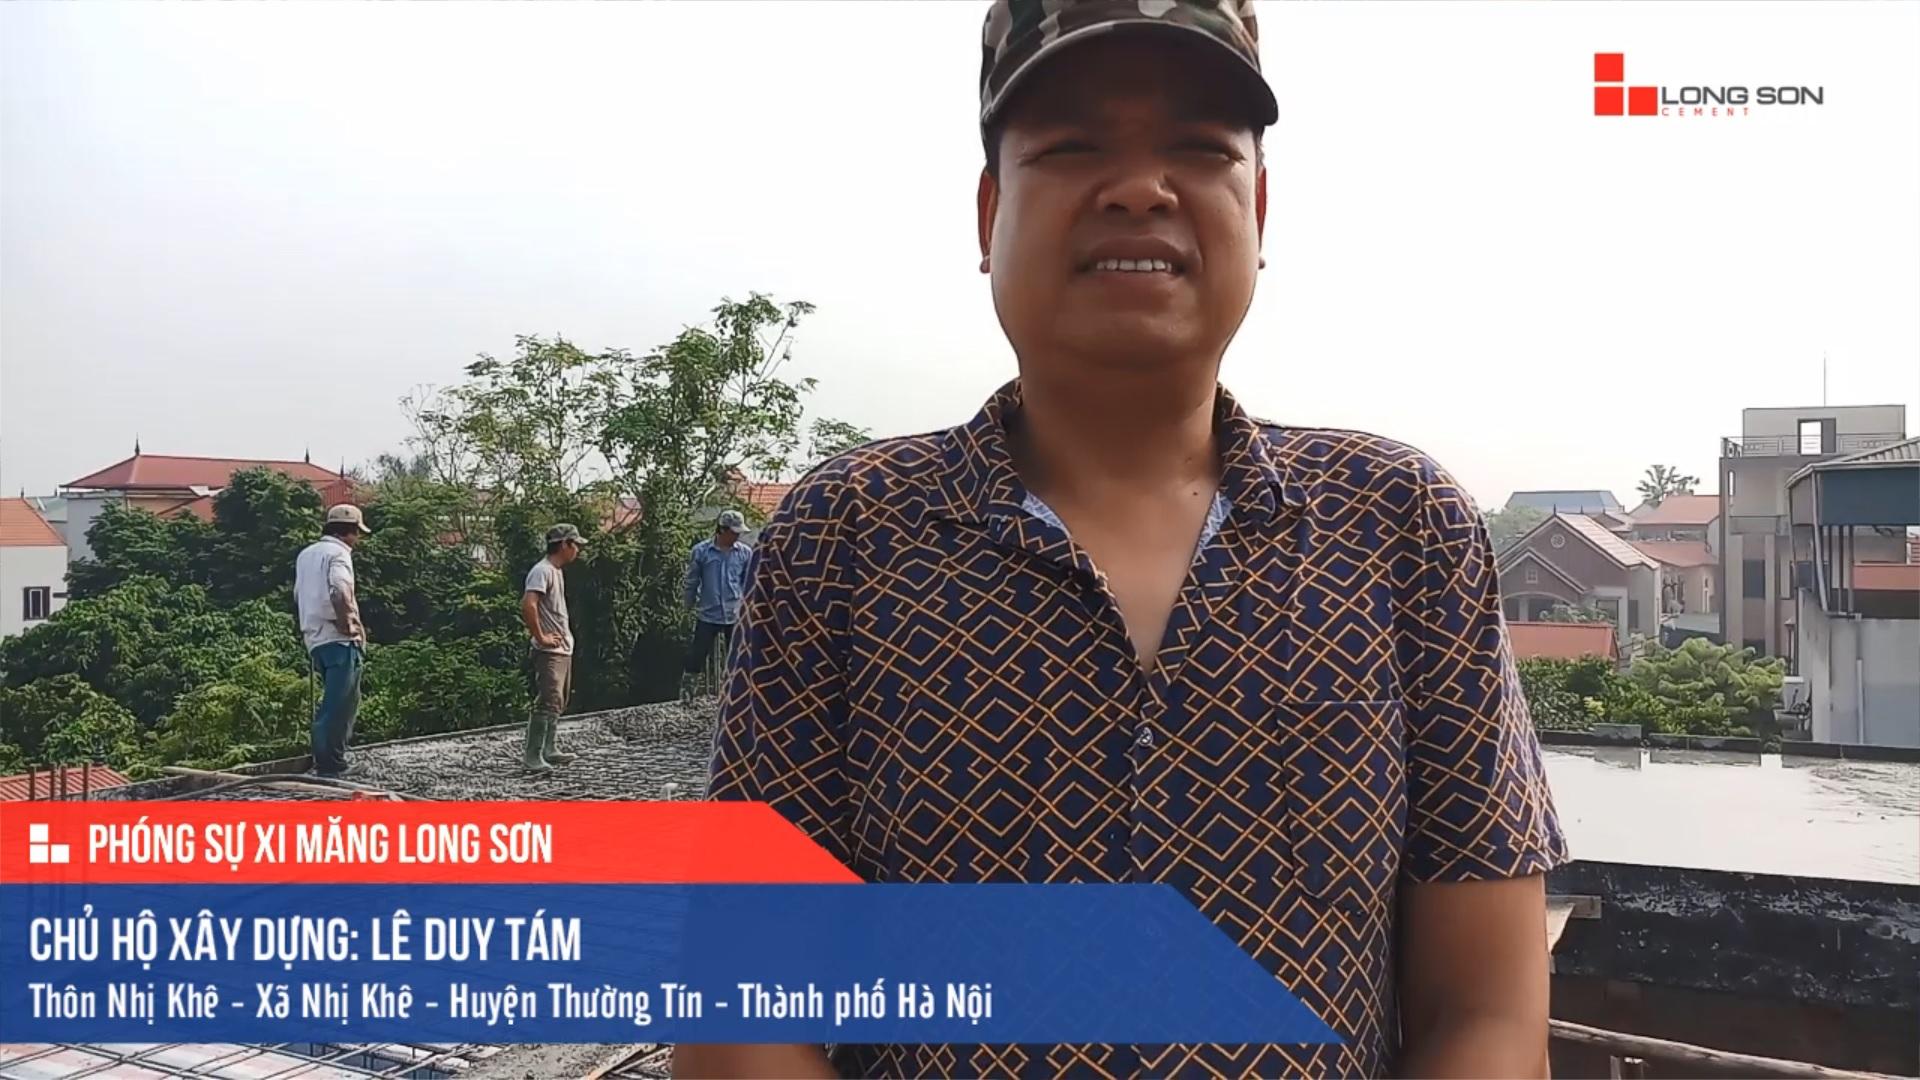 Phóng sự công trình sử dụng Xi măng Long Sơn tại Hà Nội 16.09.2019